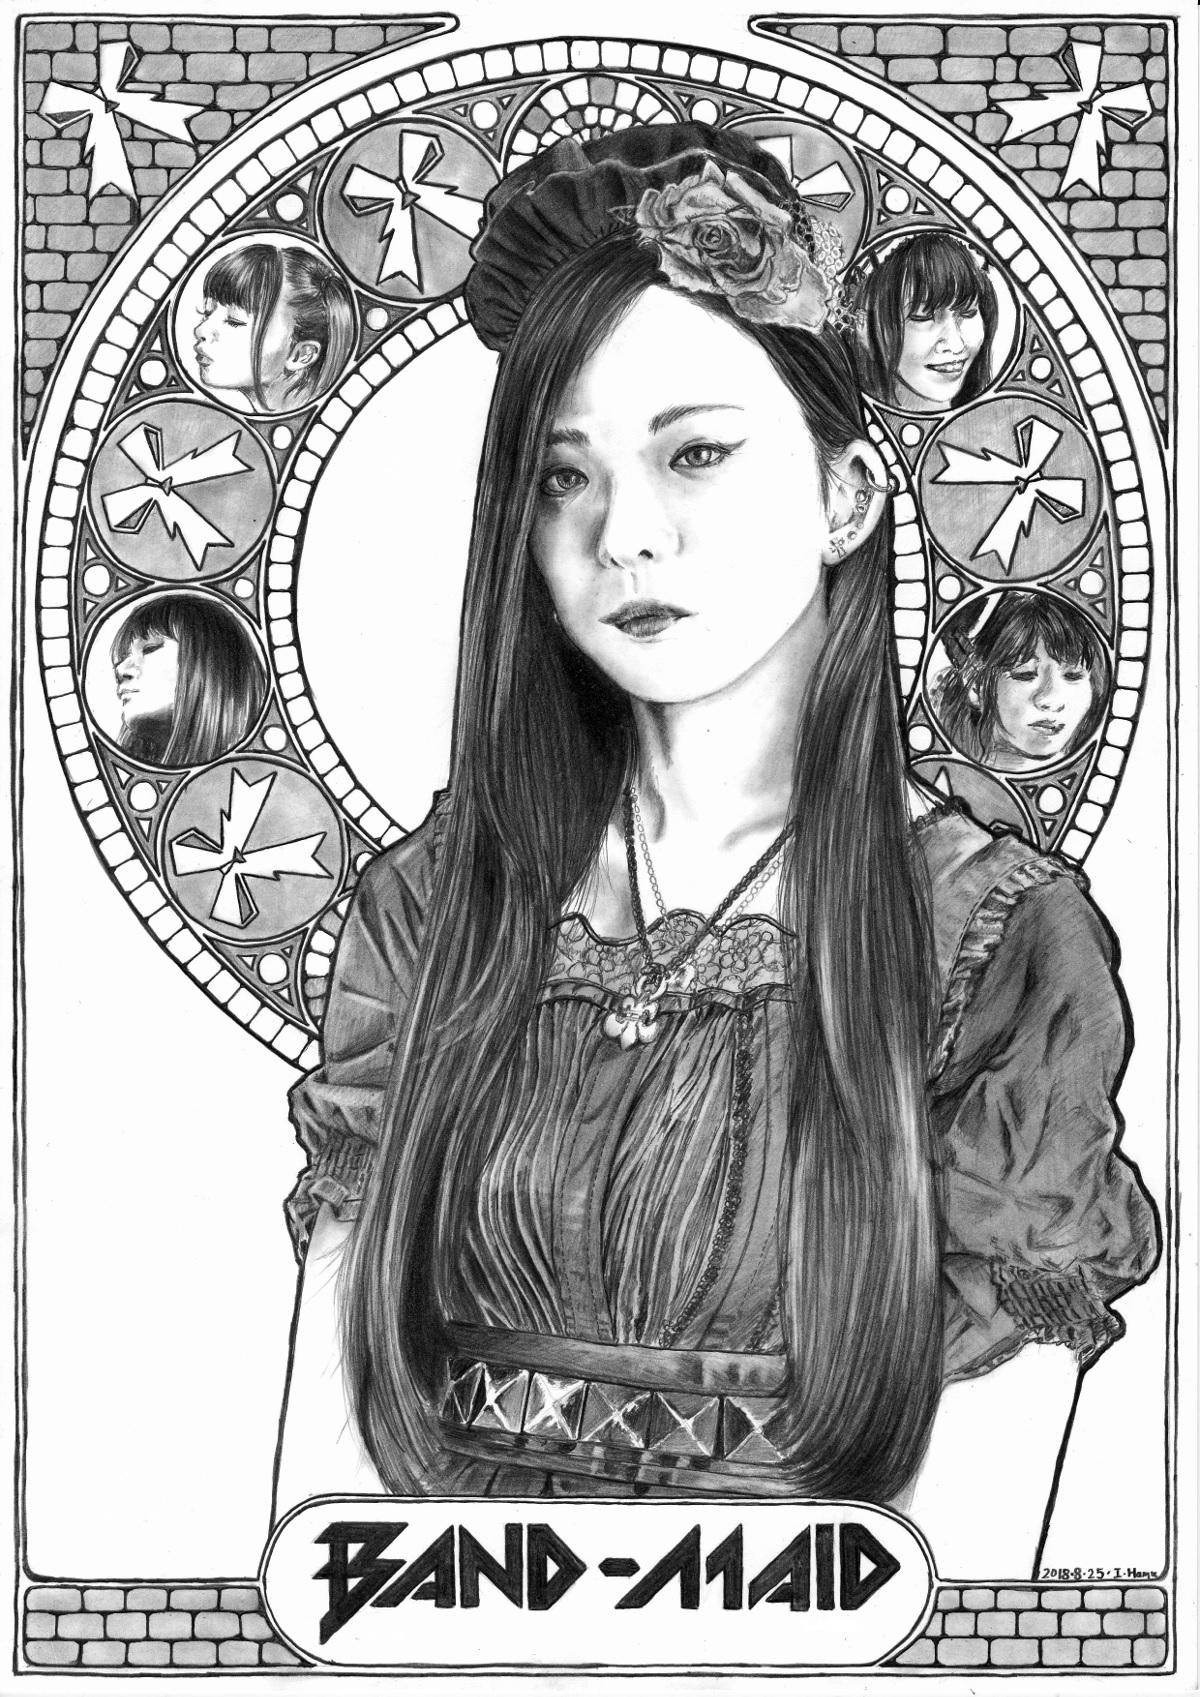 彩姫 BANDMAID ミュシャ風